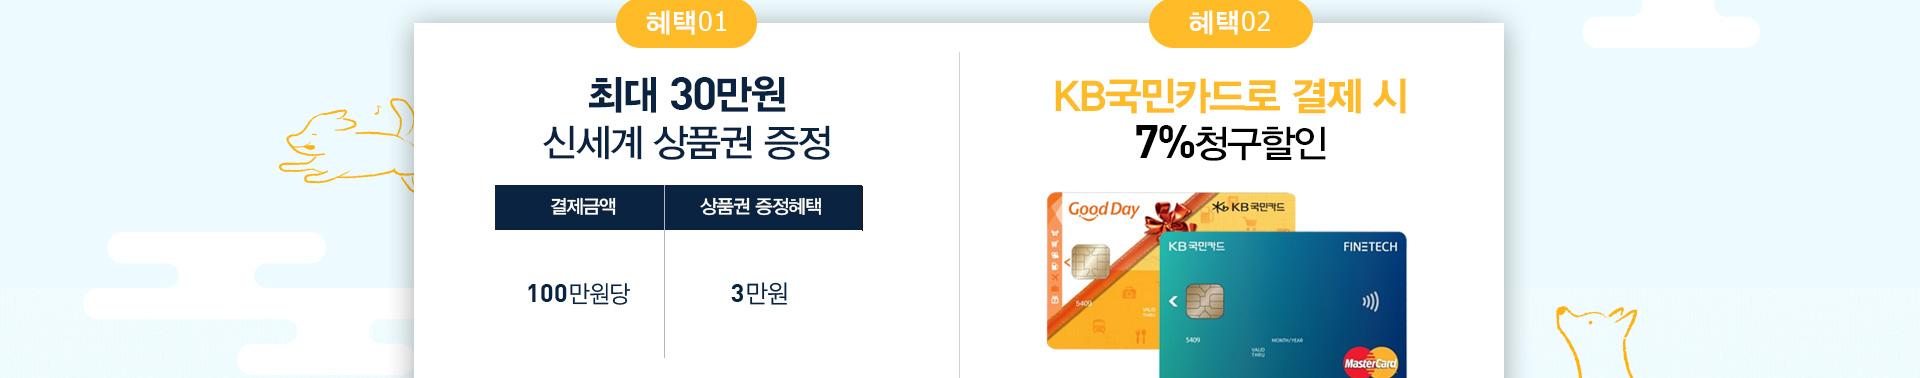 혜택01 최대 30만원 신세계 상품권 증정, 혜택02 KB국민카드 7% 청구할인 사전예약 특별혜택